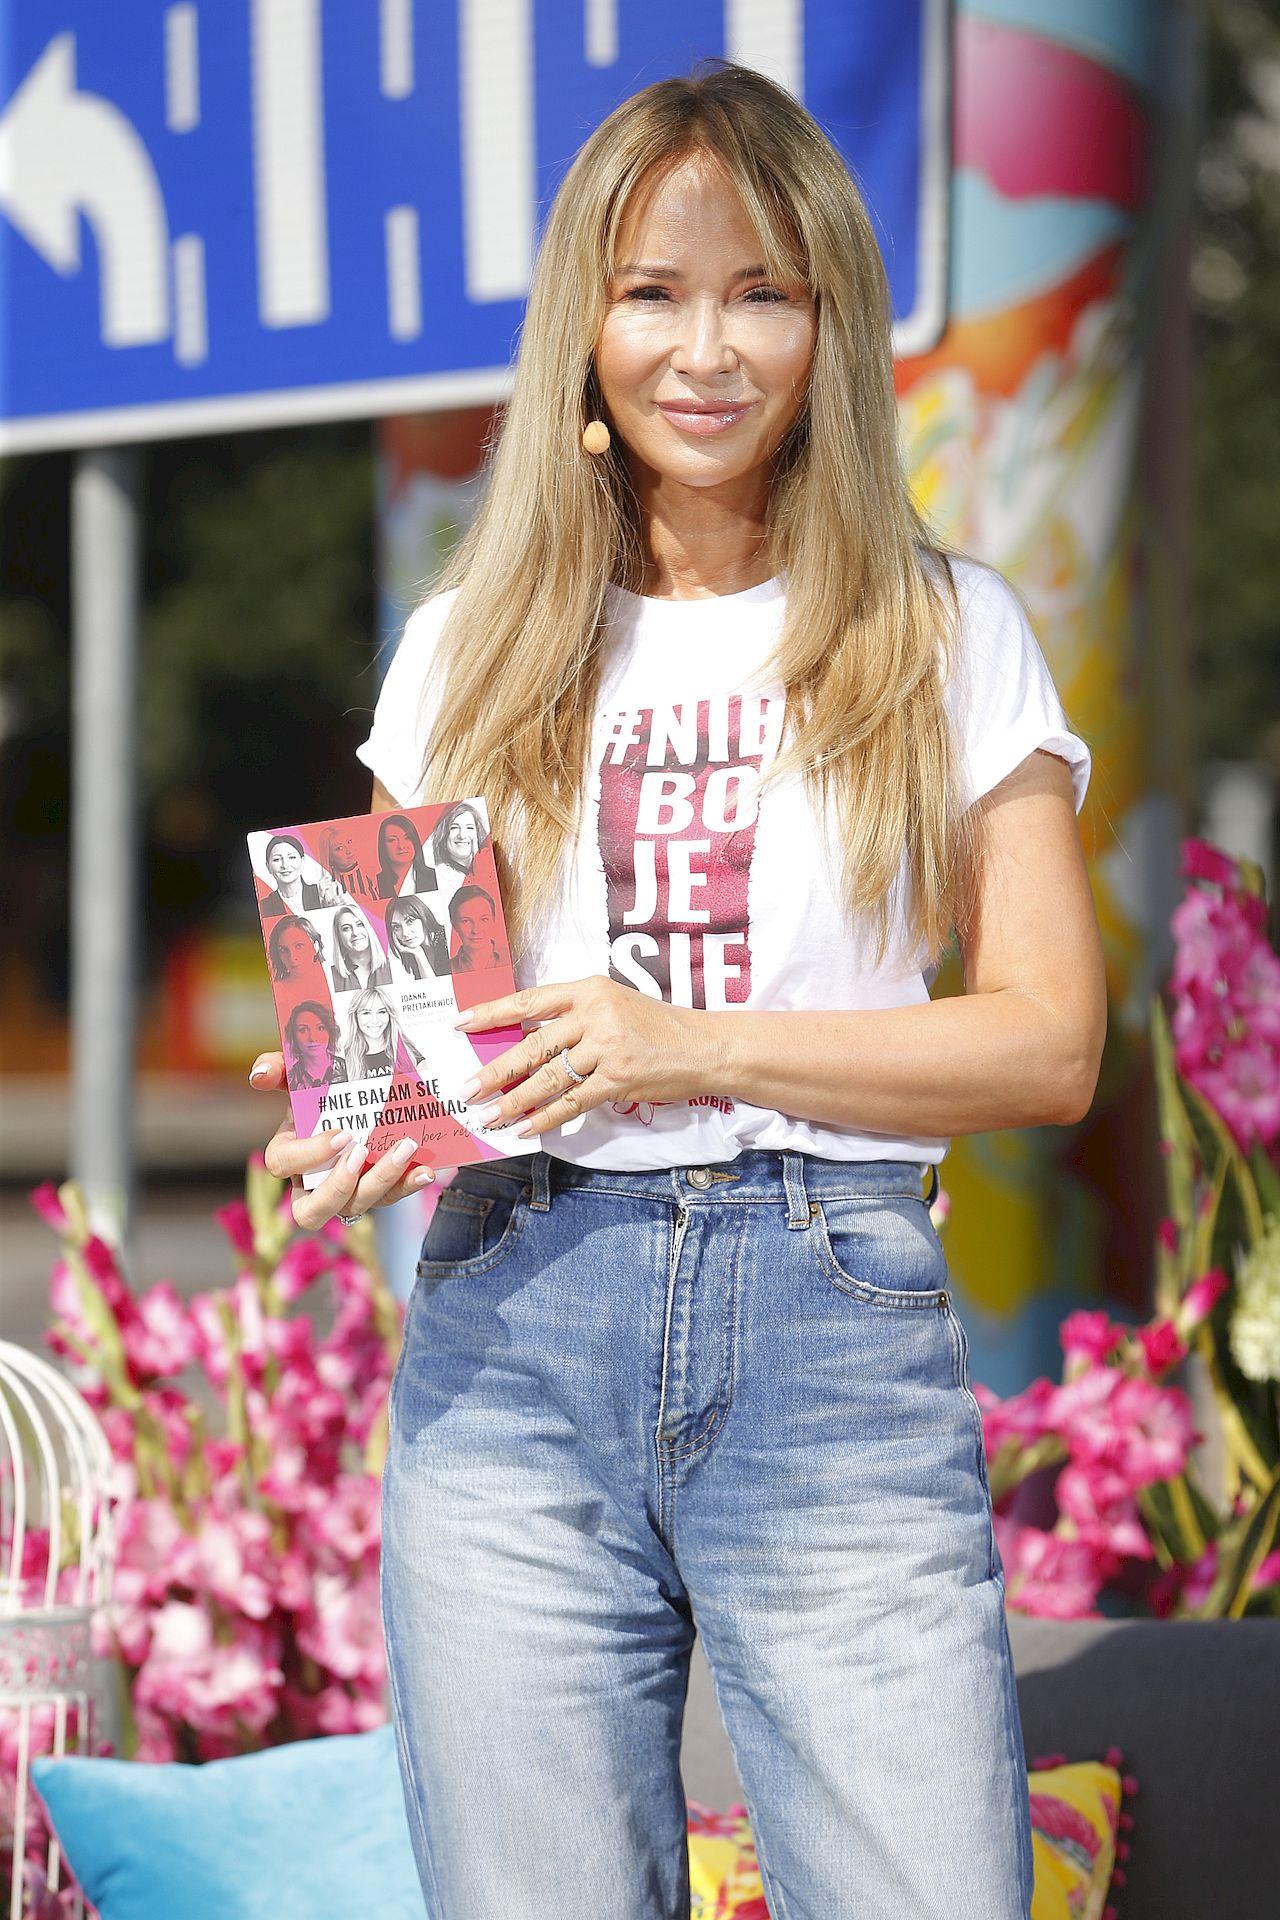 Joanna Przetakiewicz promuje akcję #niebojesię